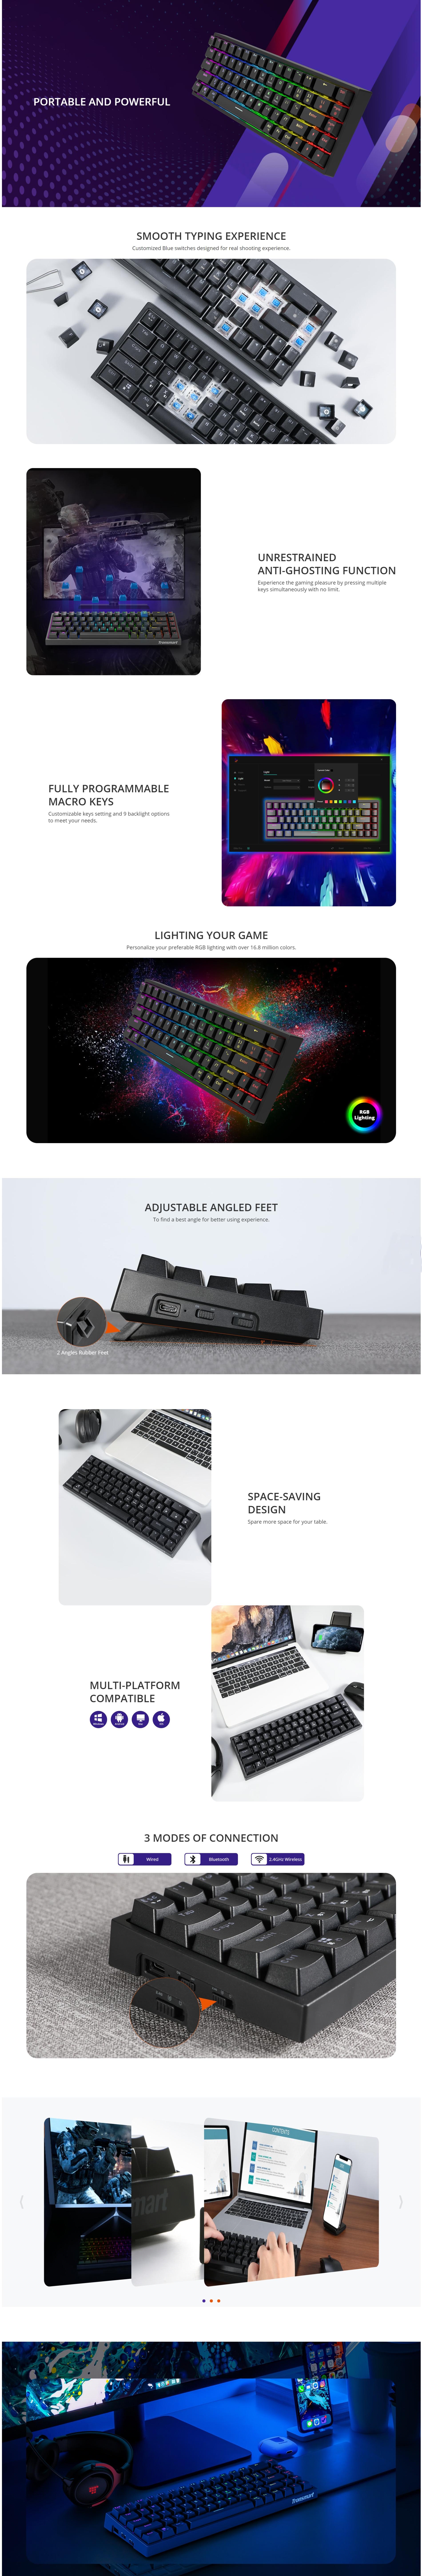 Specifikacije Tronsmart Elite RGB Mehanična Tipkovnica